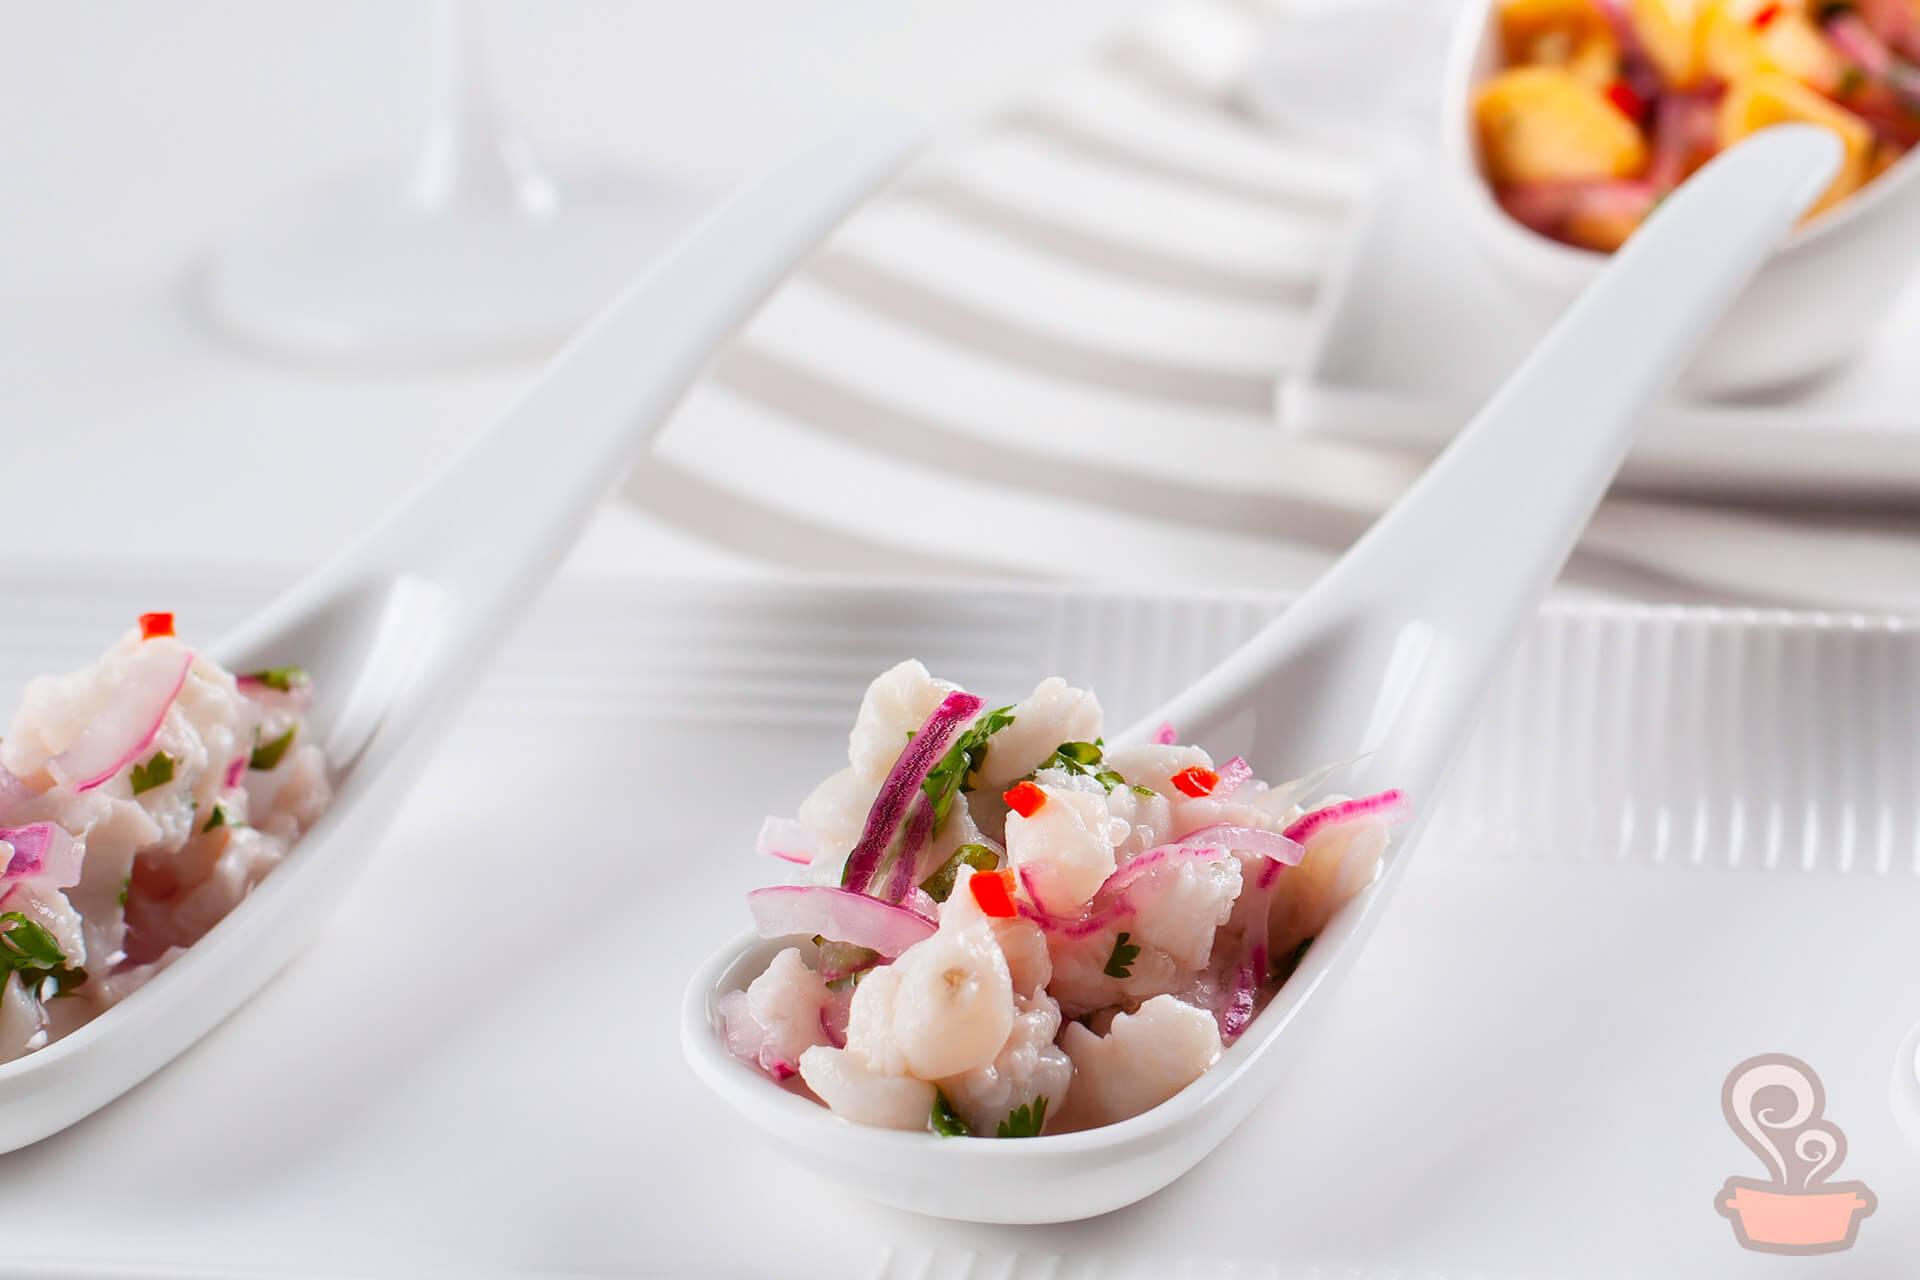 Imagem: Receita de ceviche de peixe super fácil! Foto: Na Minha Panela